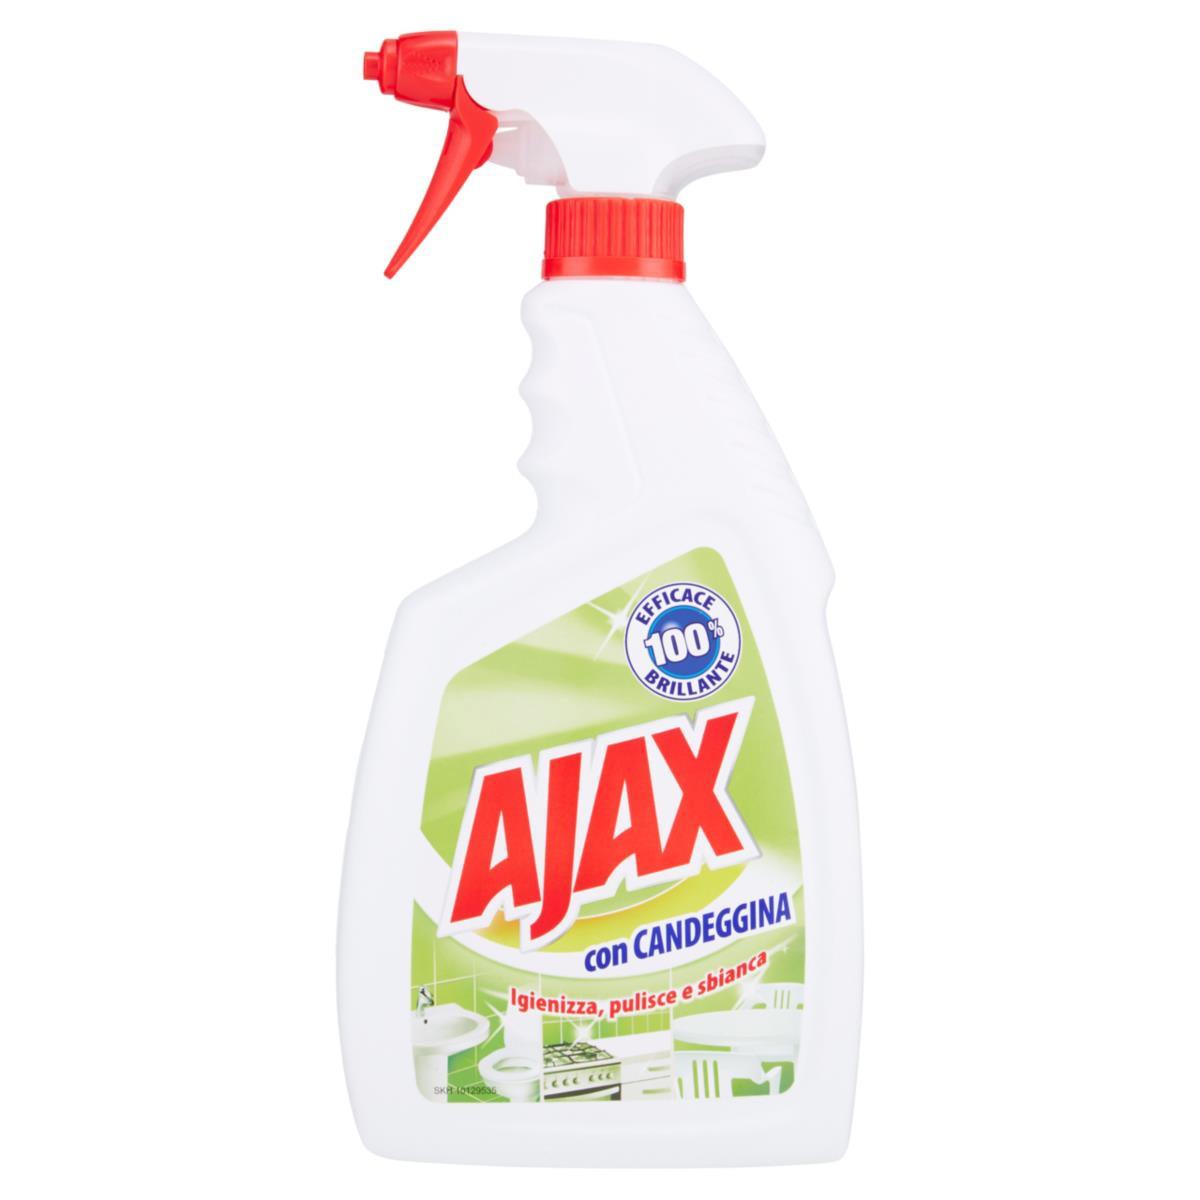 AJAX CON CANDEGGINA SPRAY 750 ML